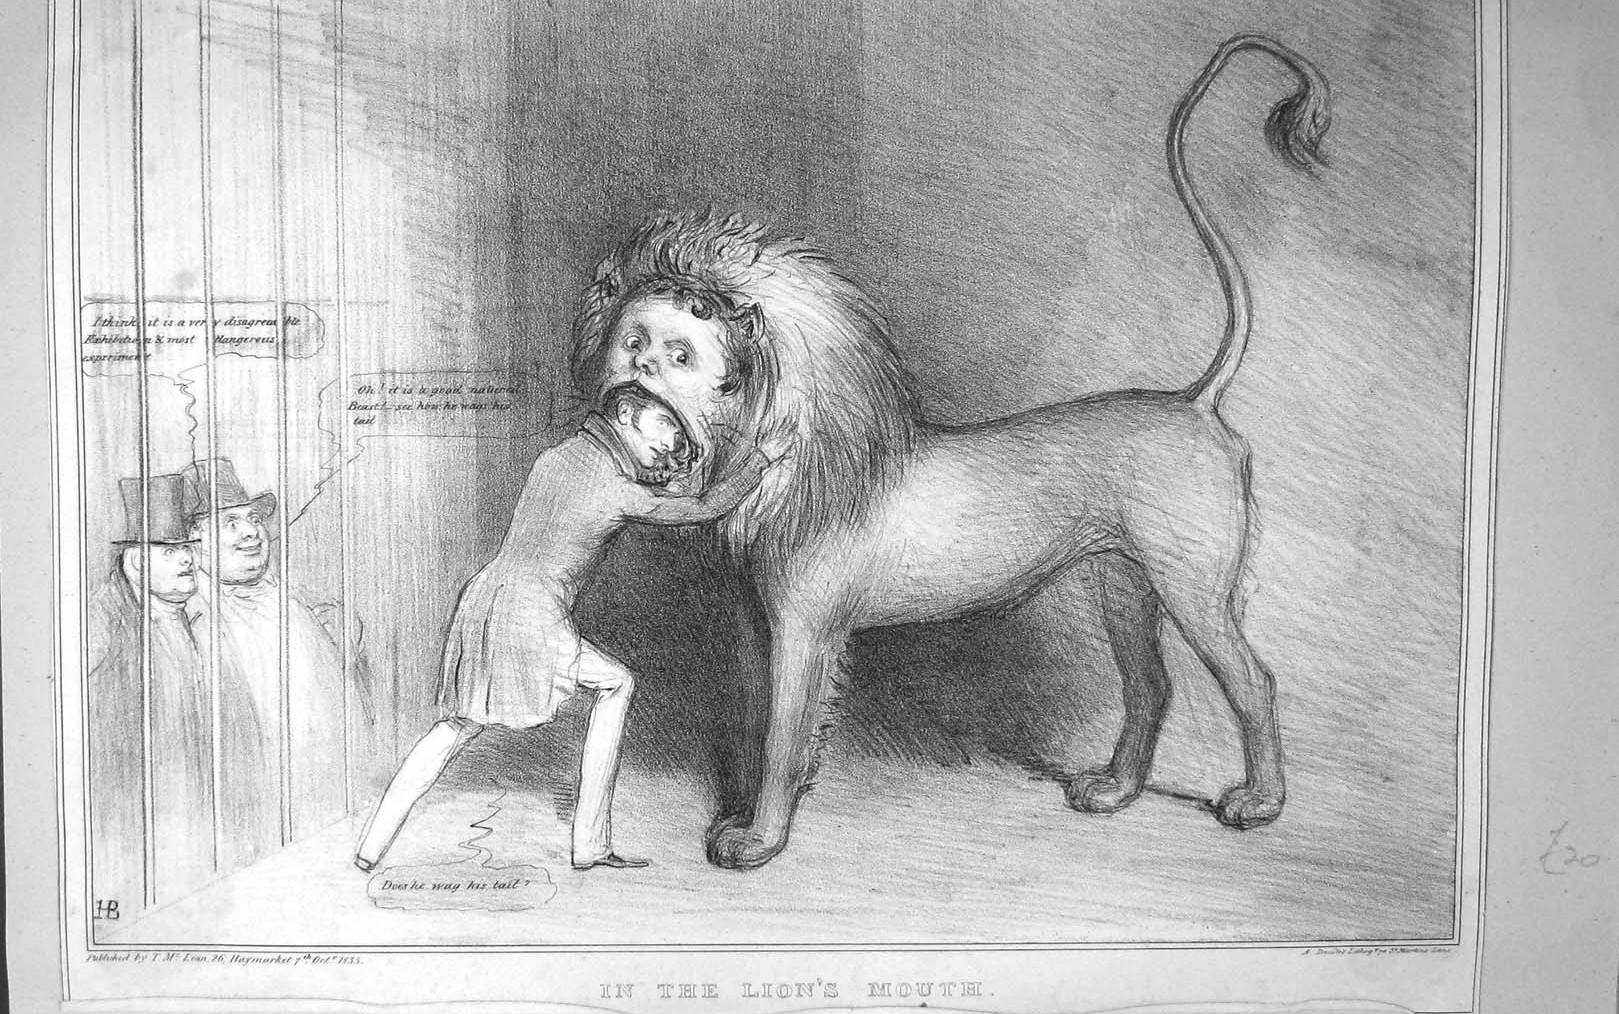 dresor cu capul în gura leului. Desen in creion